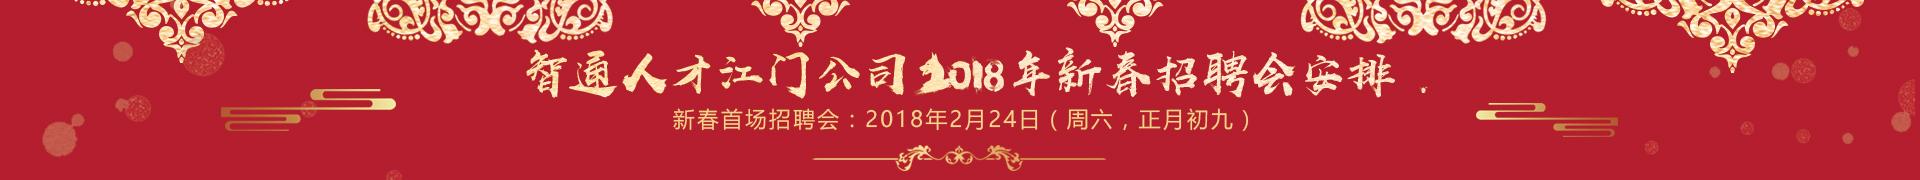 智通人才江门公司2018年新春招聘会安排